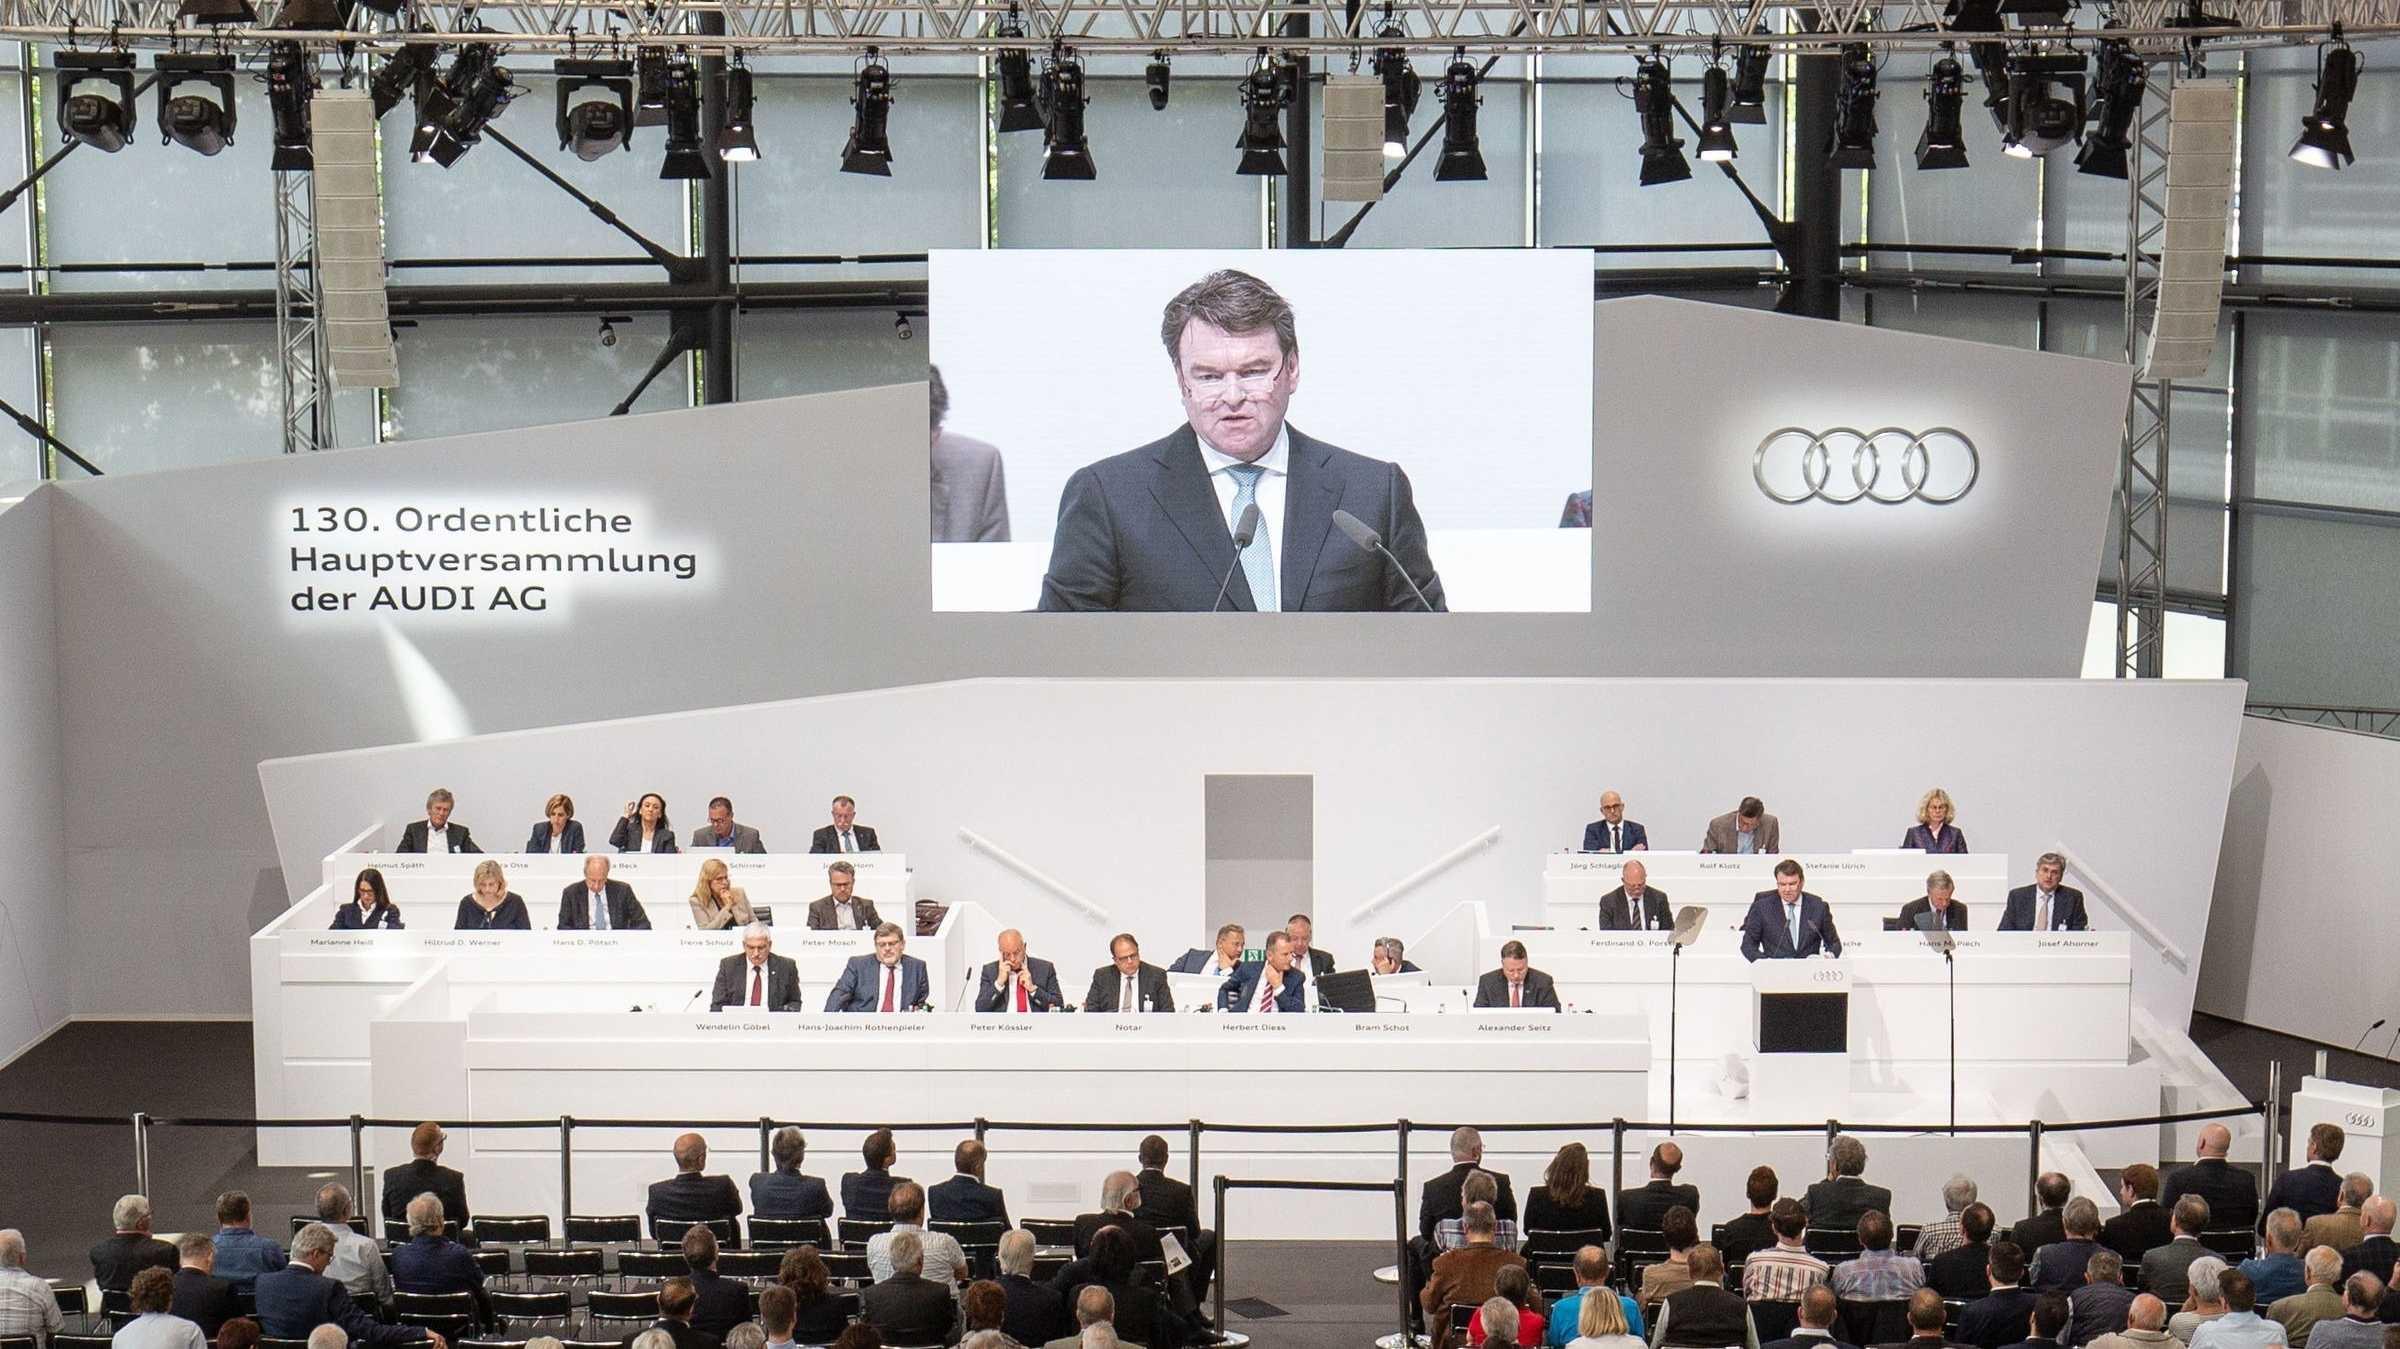 Audi unter Strom – Sportwagen TT und R8 werden Auslaufmodelle